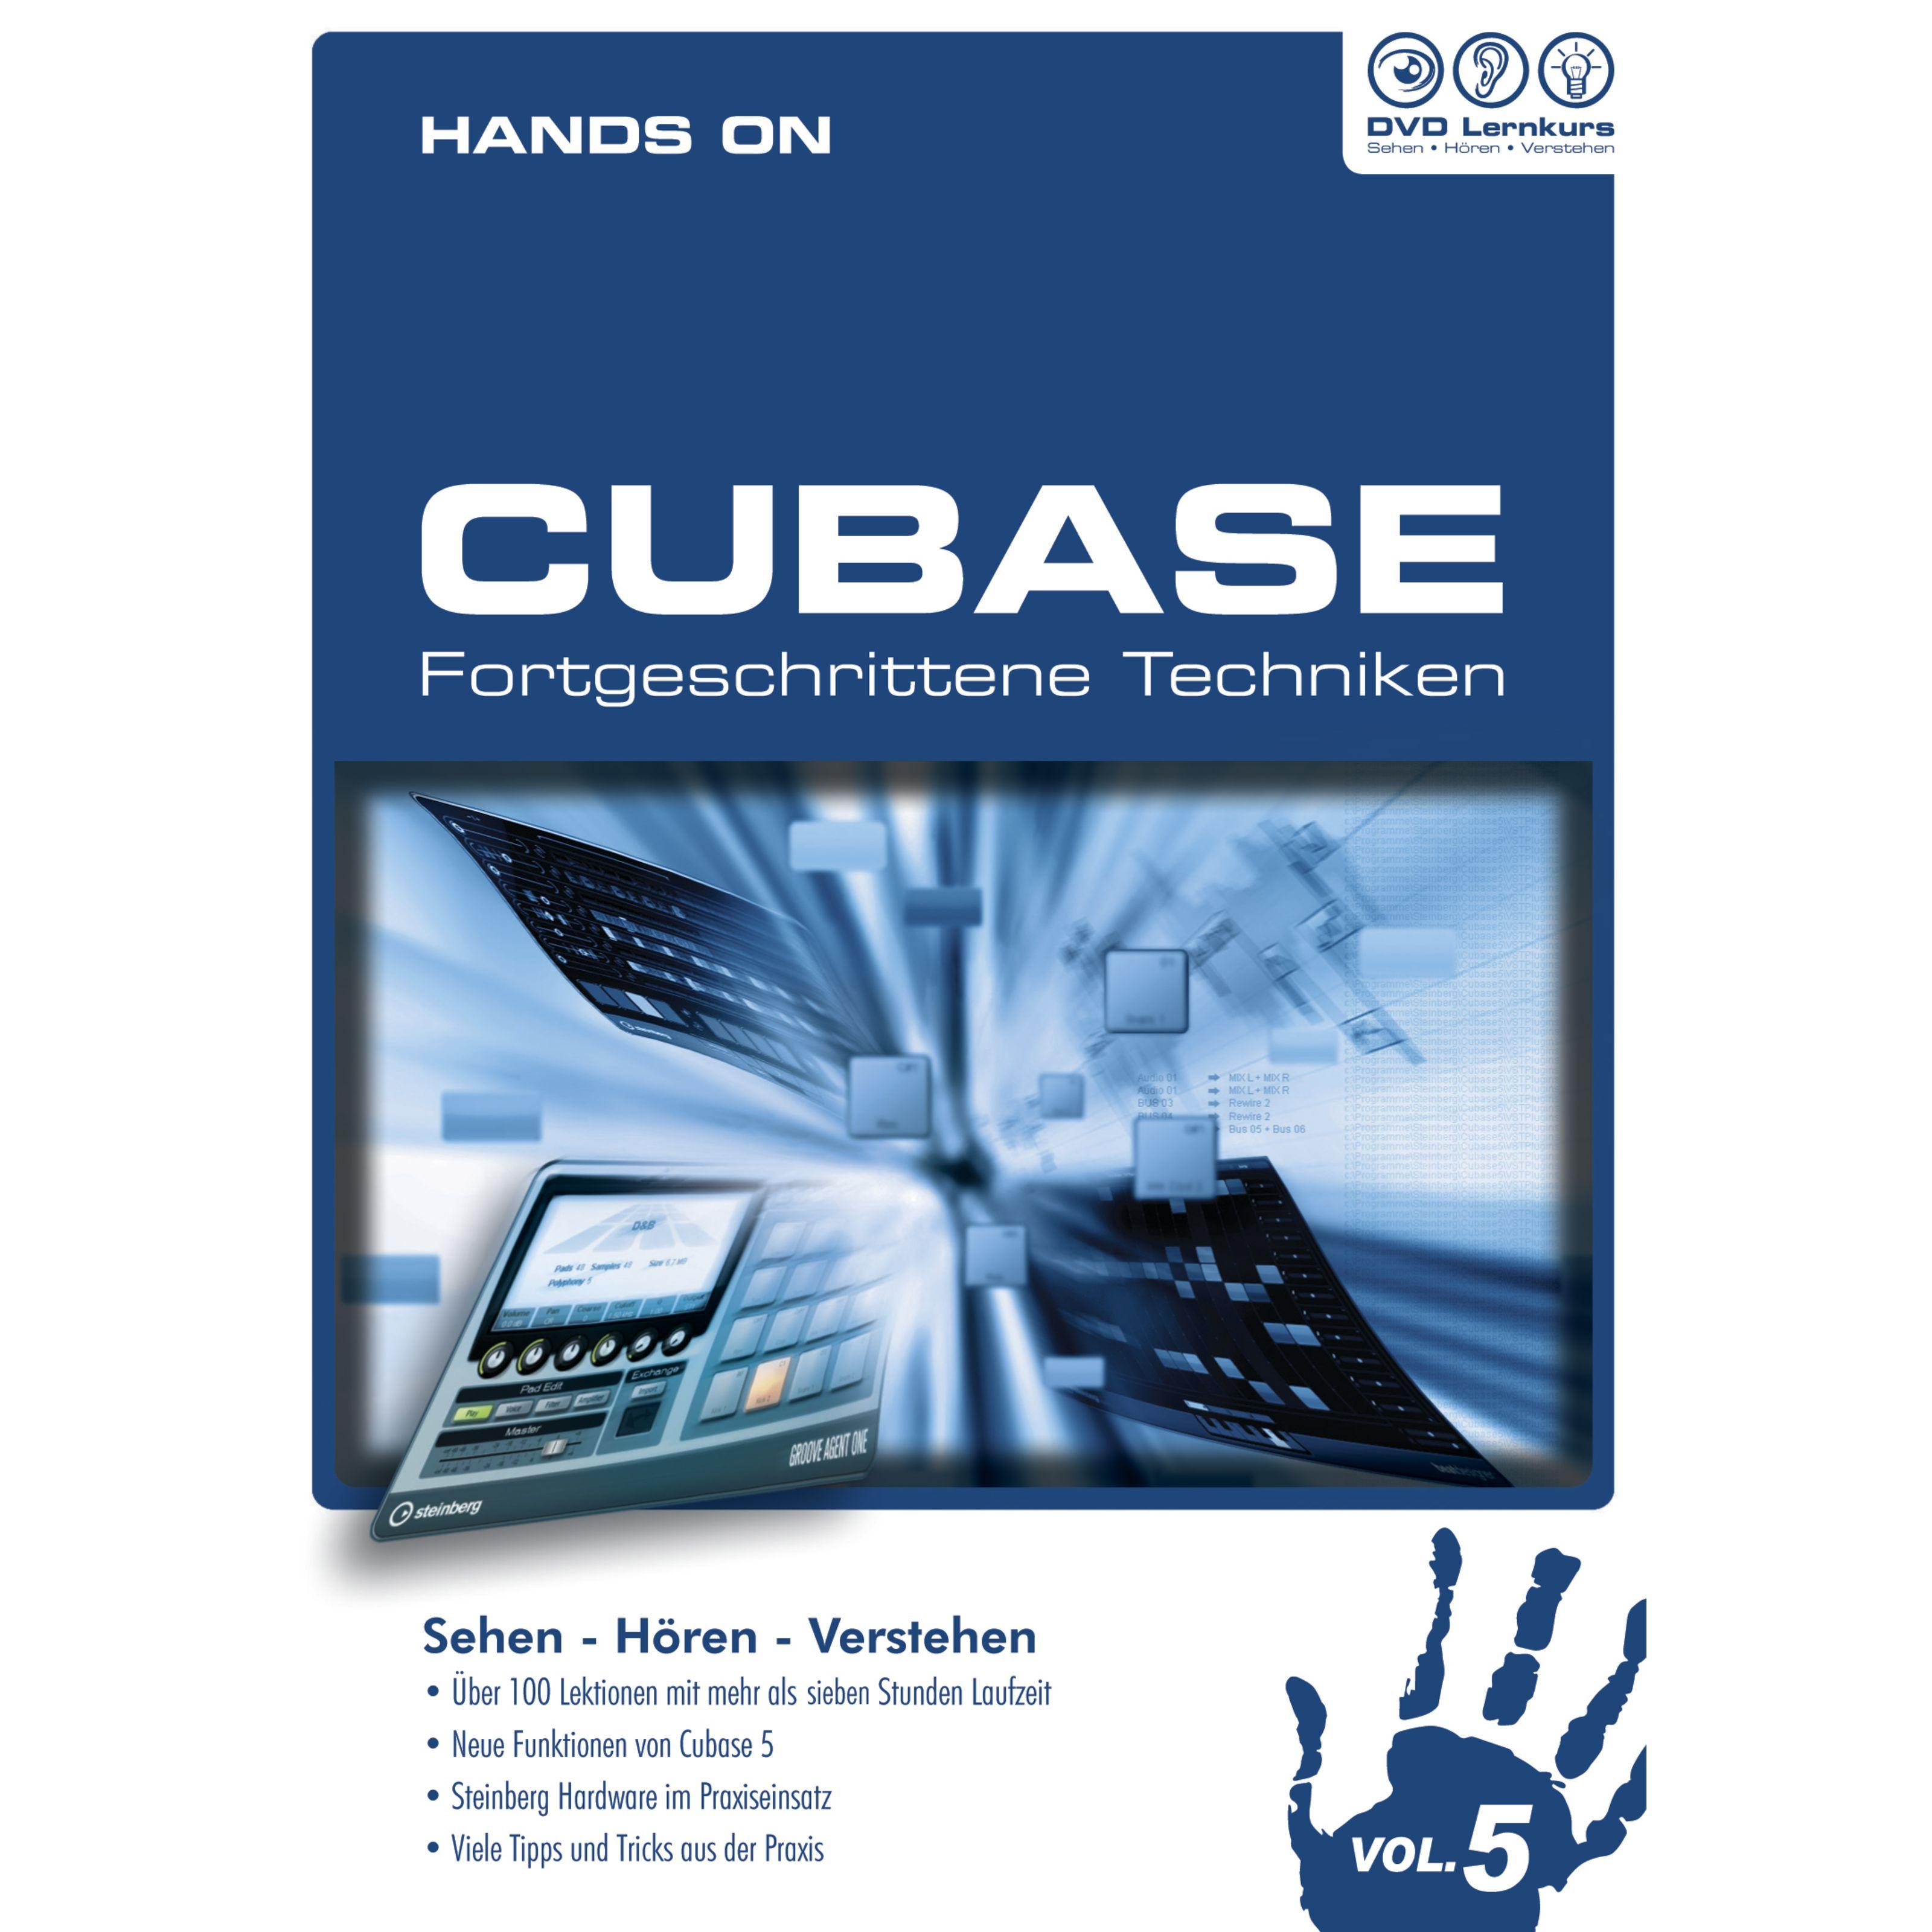 DVD Lernkurs - Hands On Cubase Vol.5 Fortgeschrittene Techniken